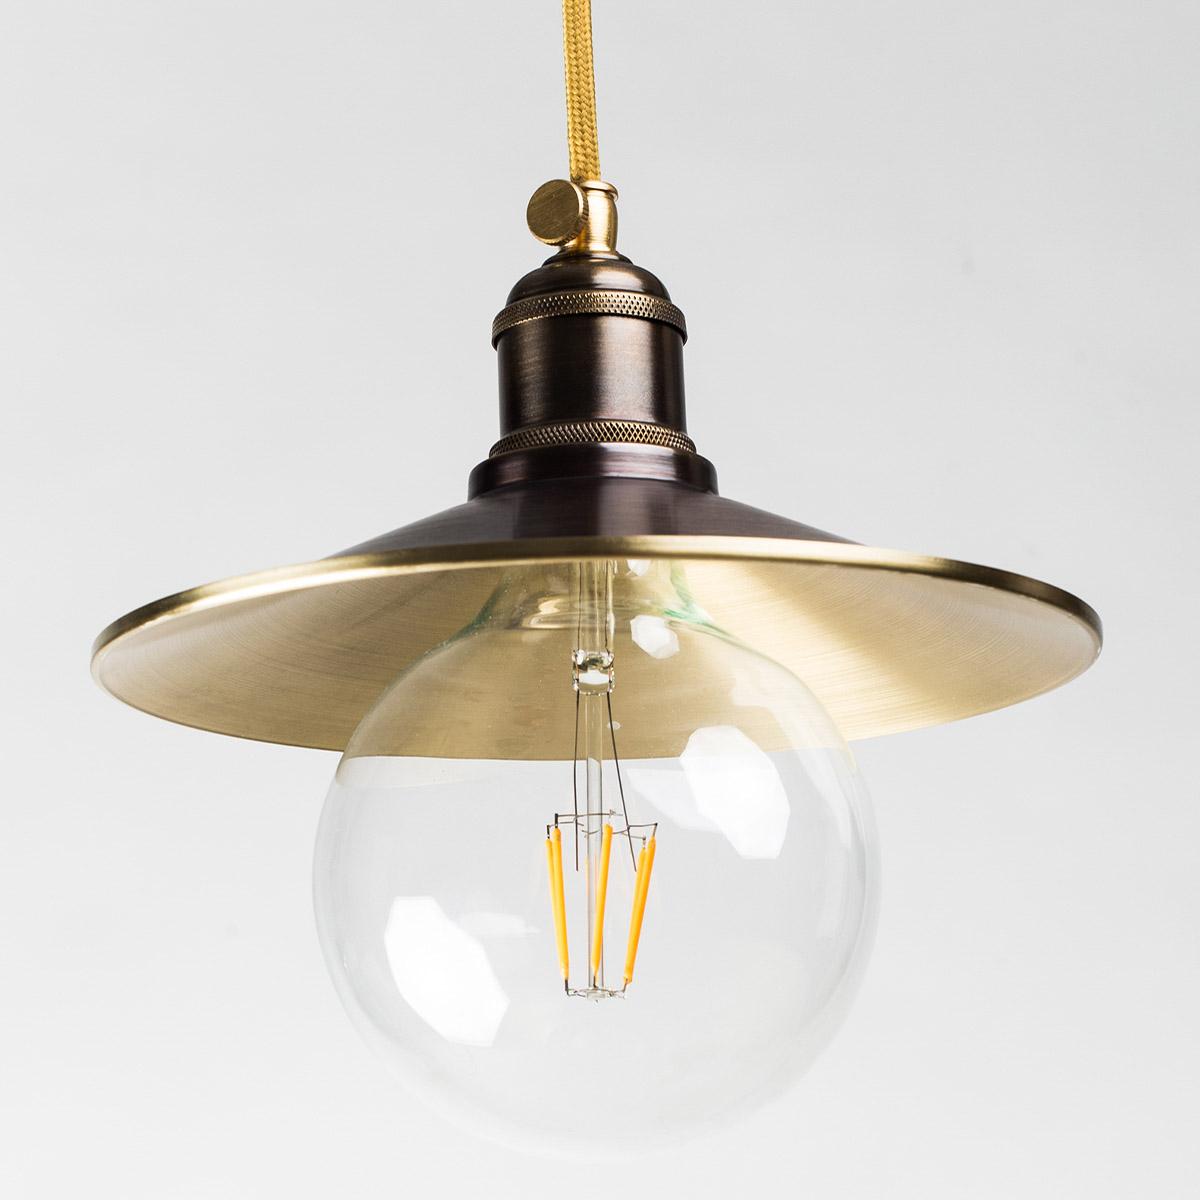 Потолочный светильник 610 латунный коричневый